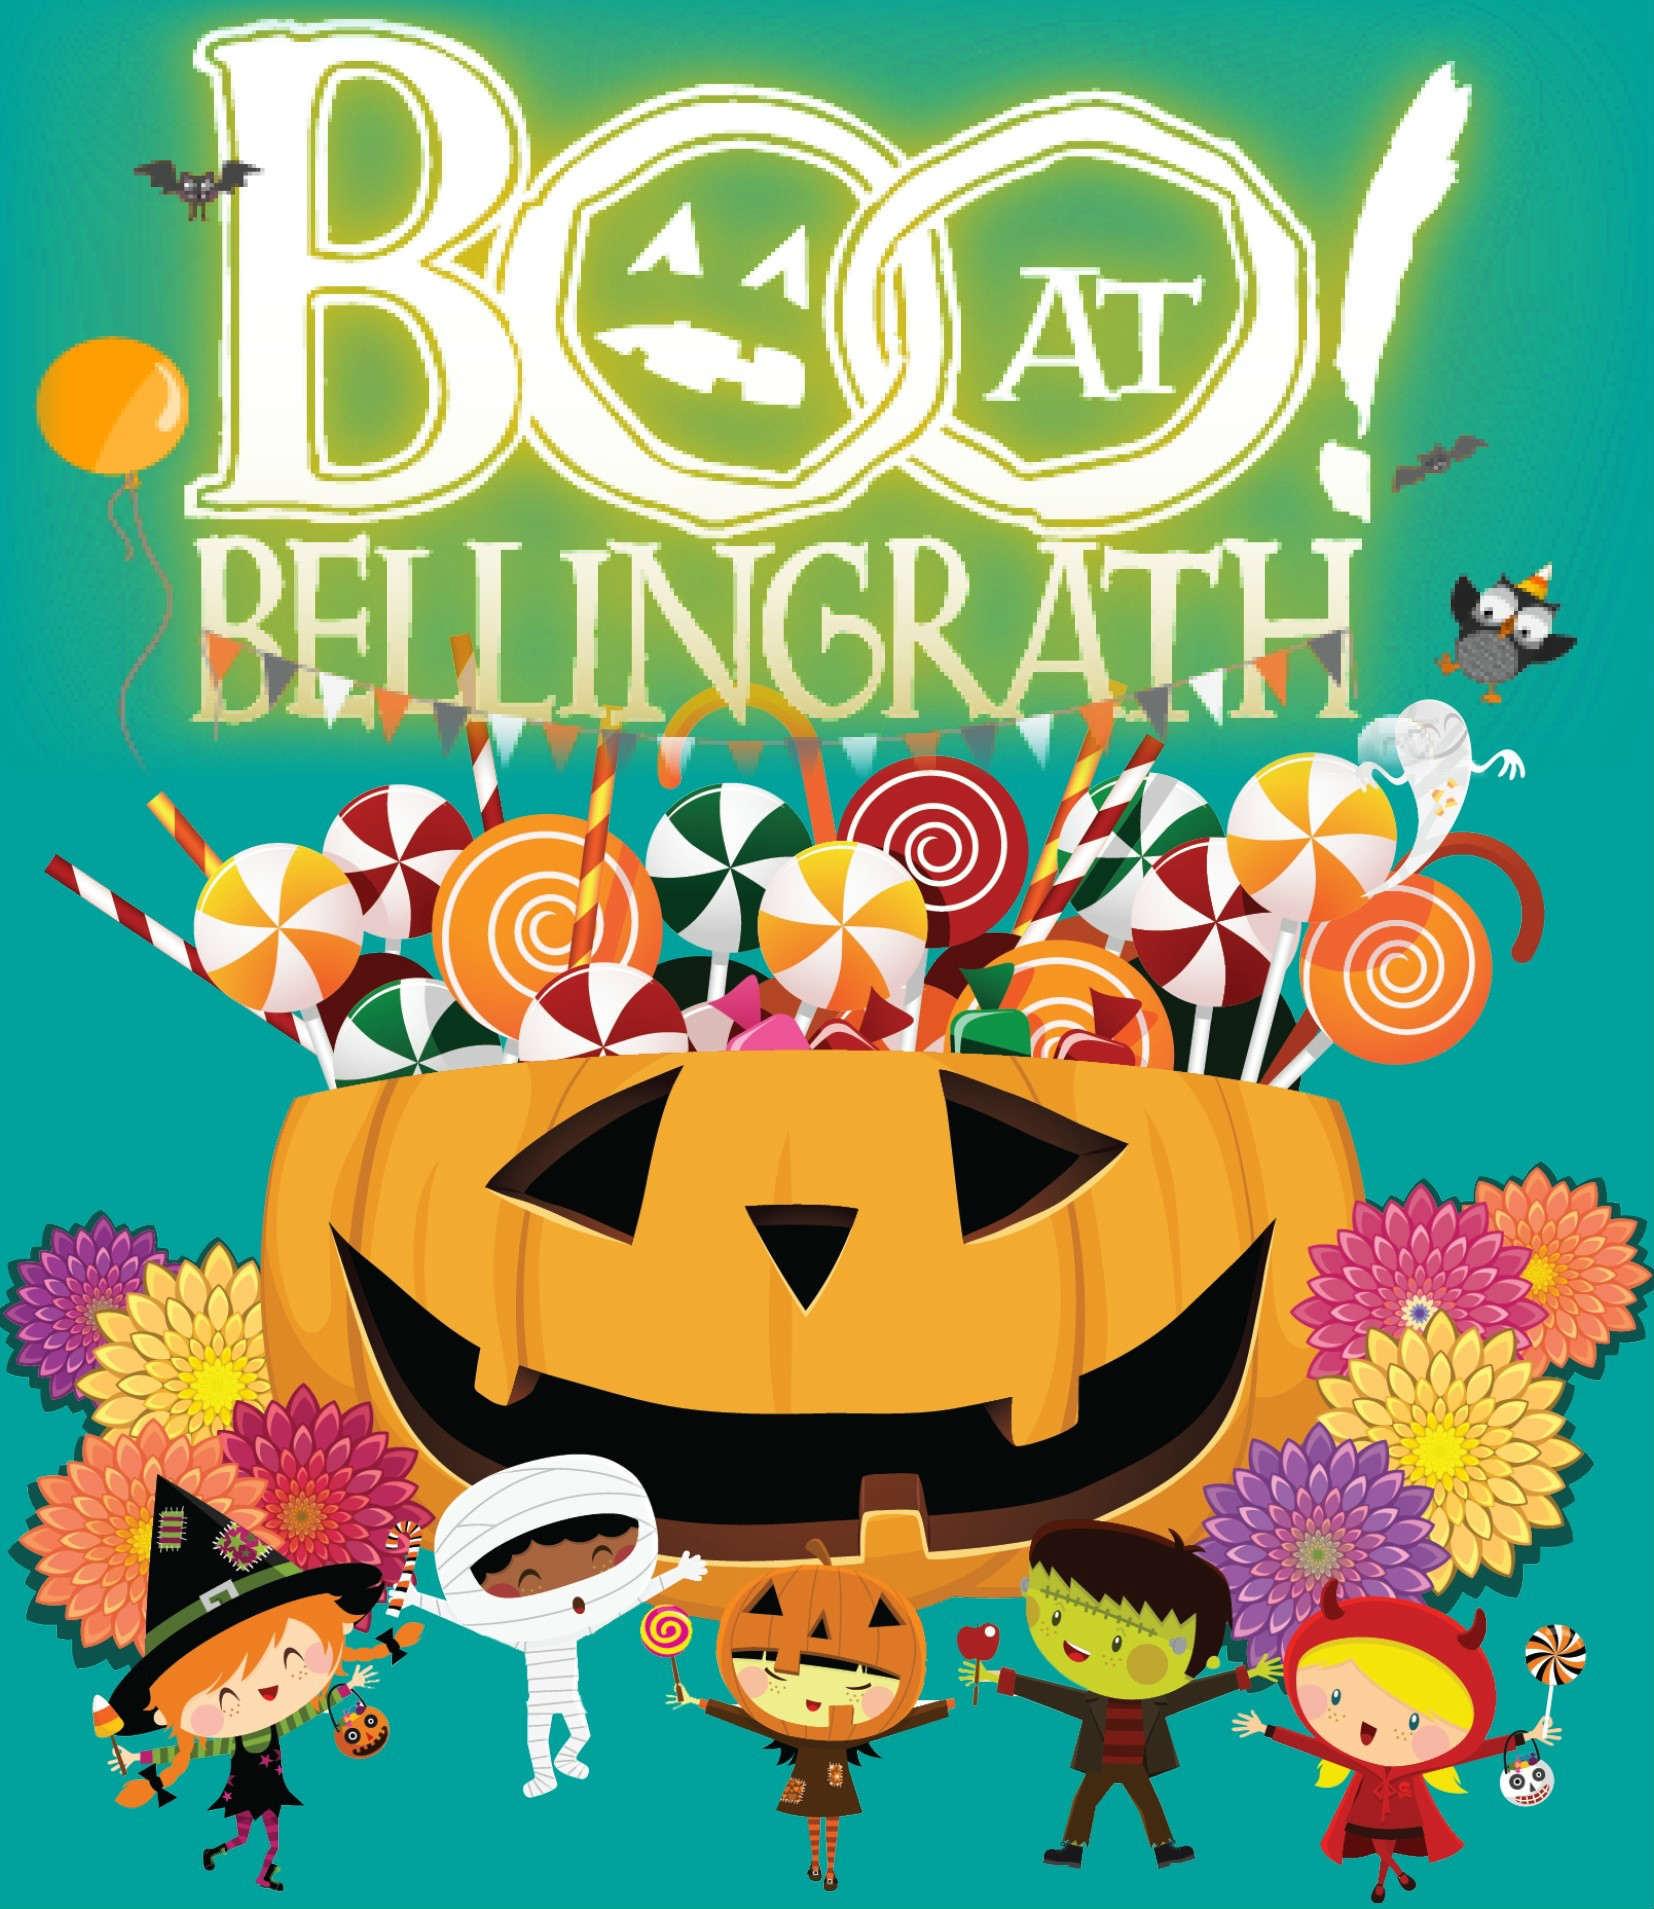 Boo at Bellingrath set for Oct. 29 at Bellingrath Gardens and Home.